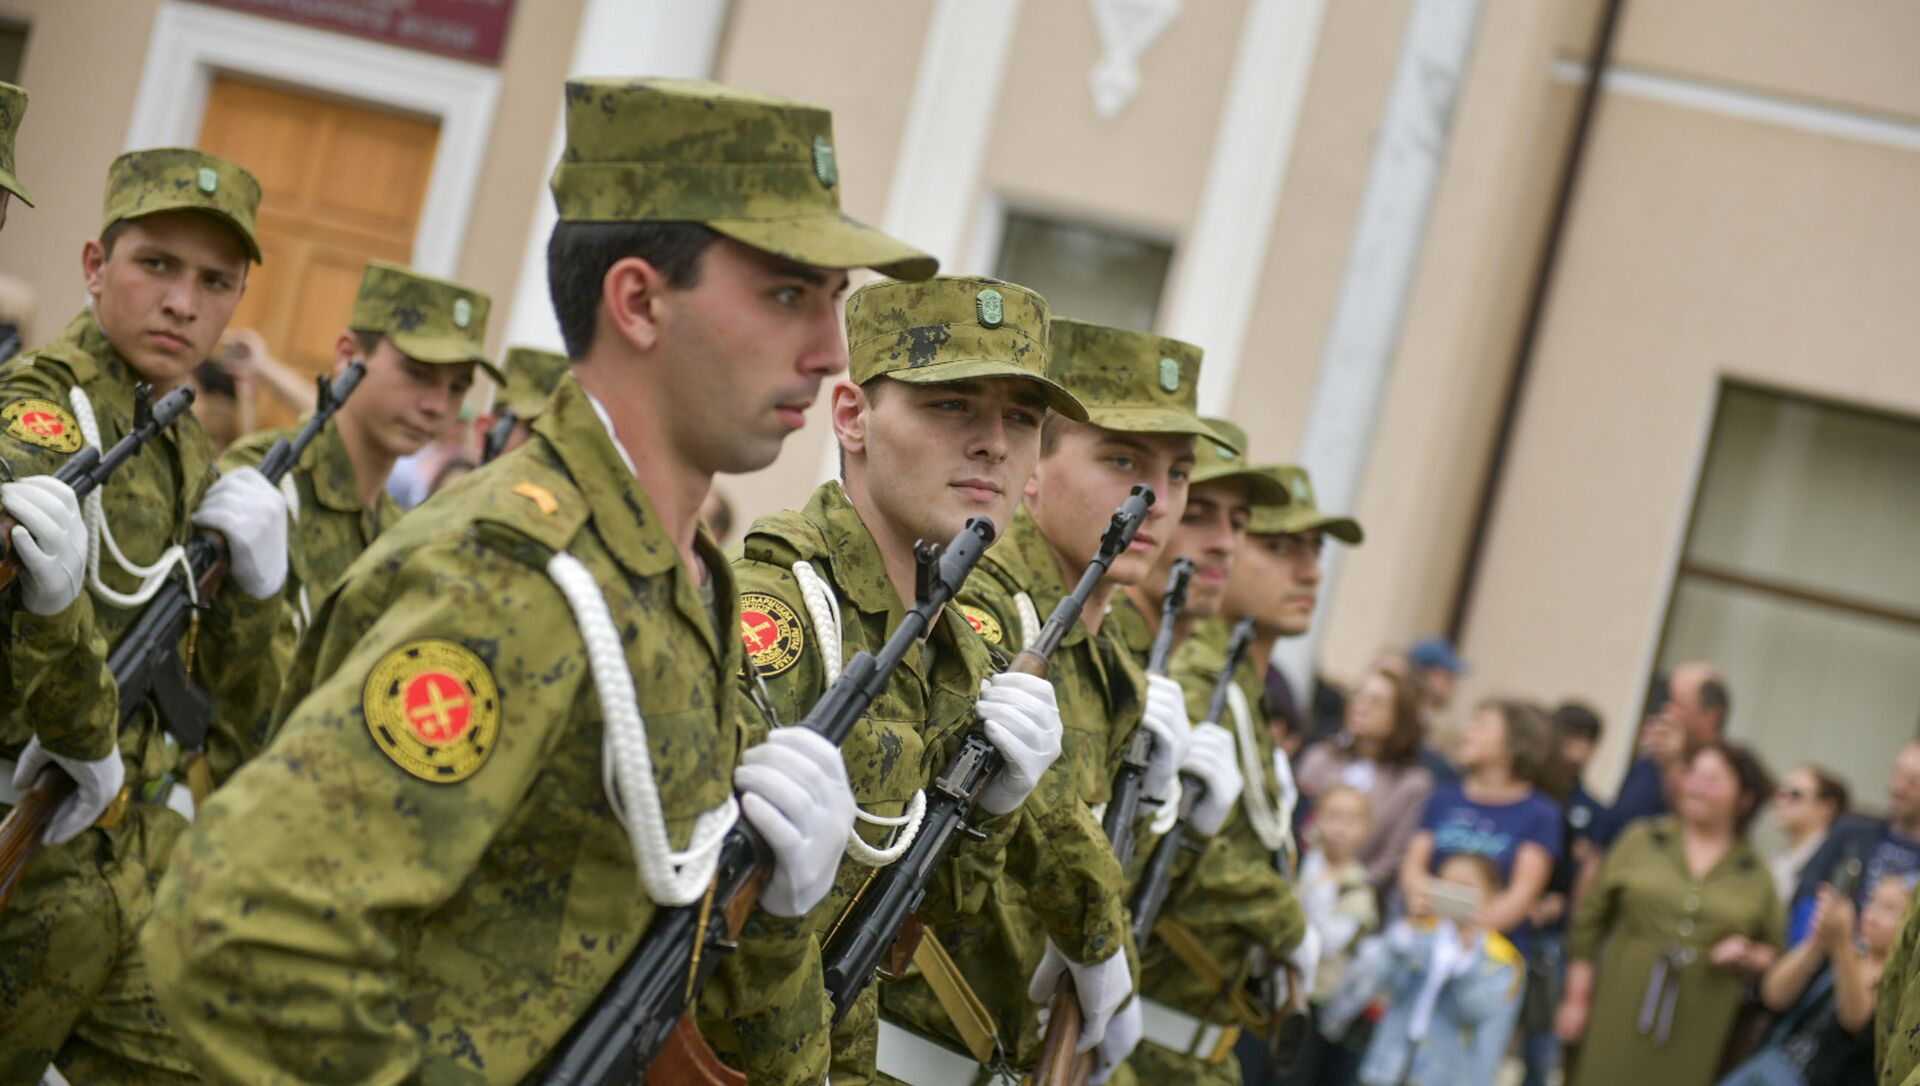 Торжественный марш в честь Дня Победы и Независимости прошел в Сухуме - Sputnik Аҧсны, 1920, 30.09.2021